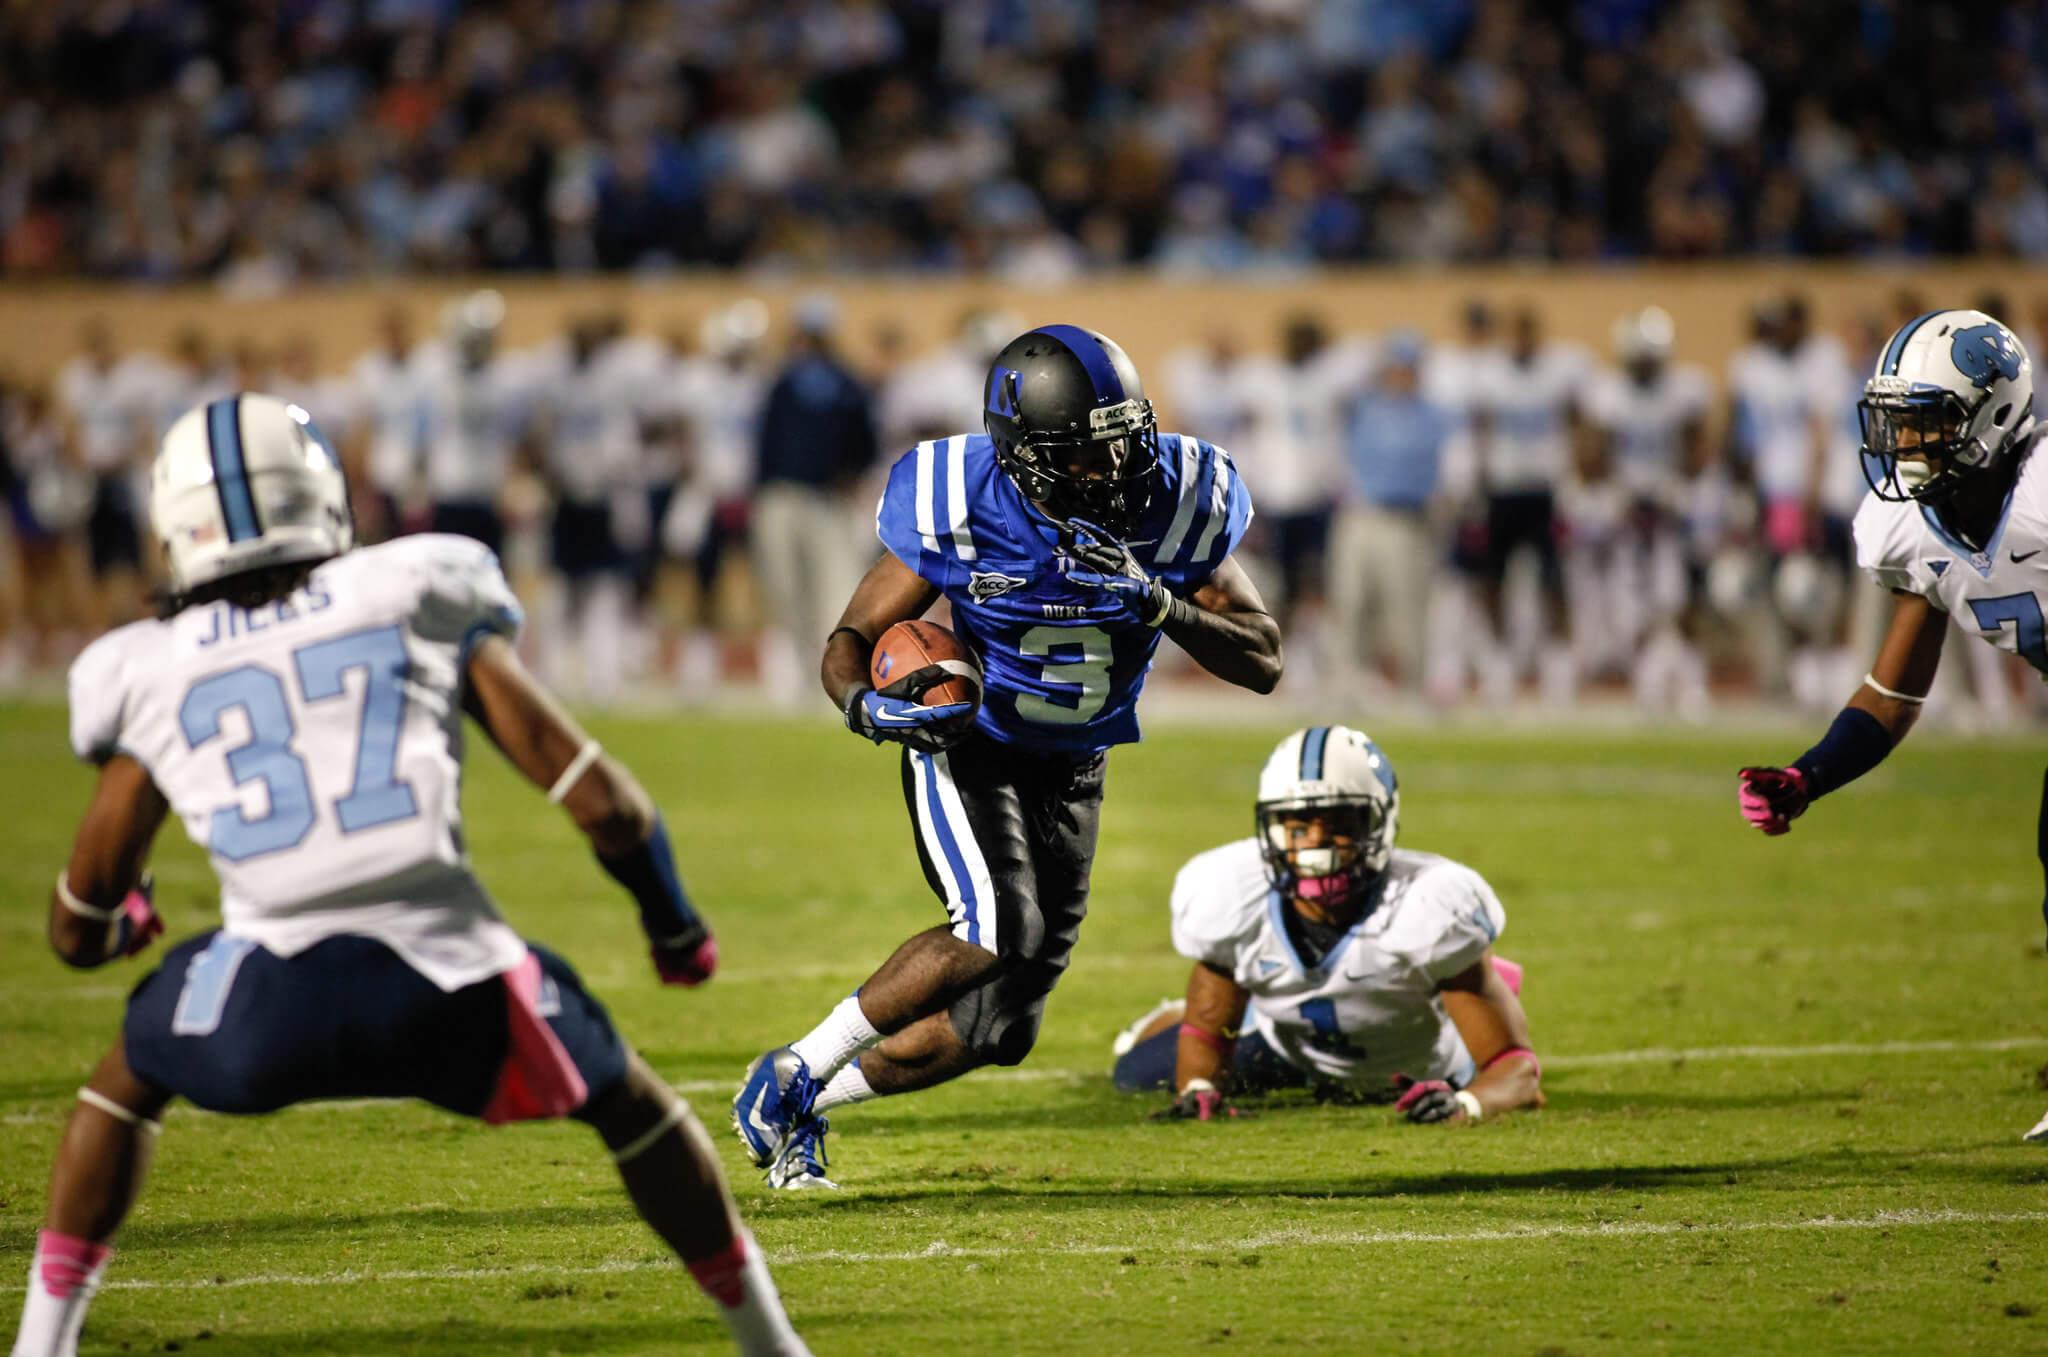 Duke vs UNC Victory Bell rivalry